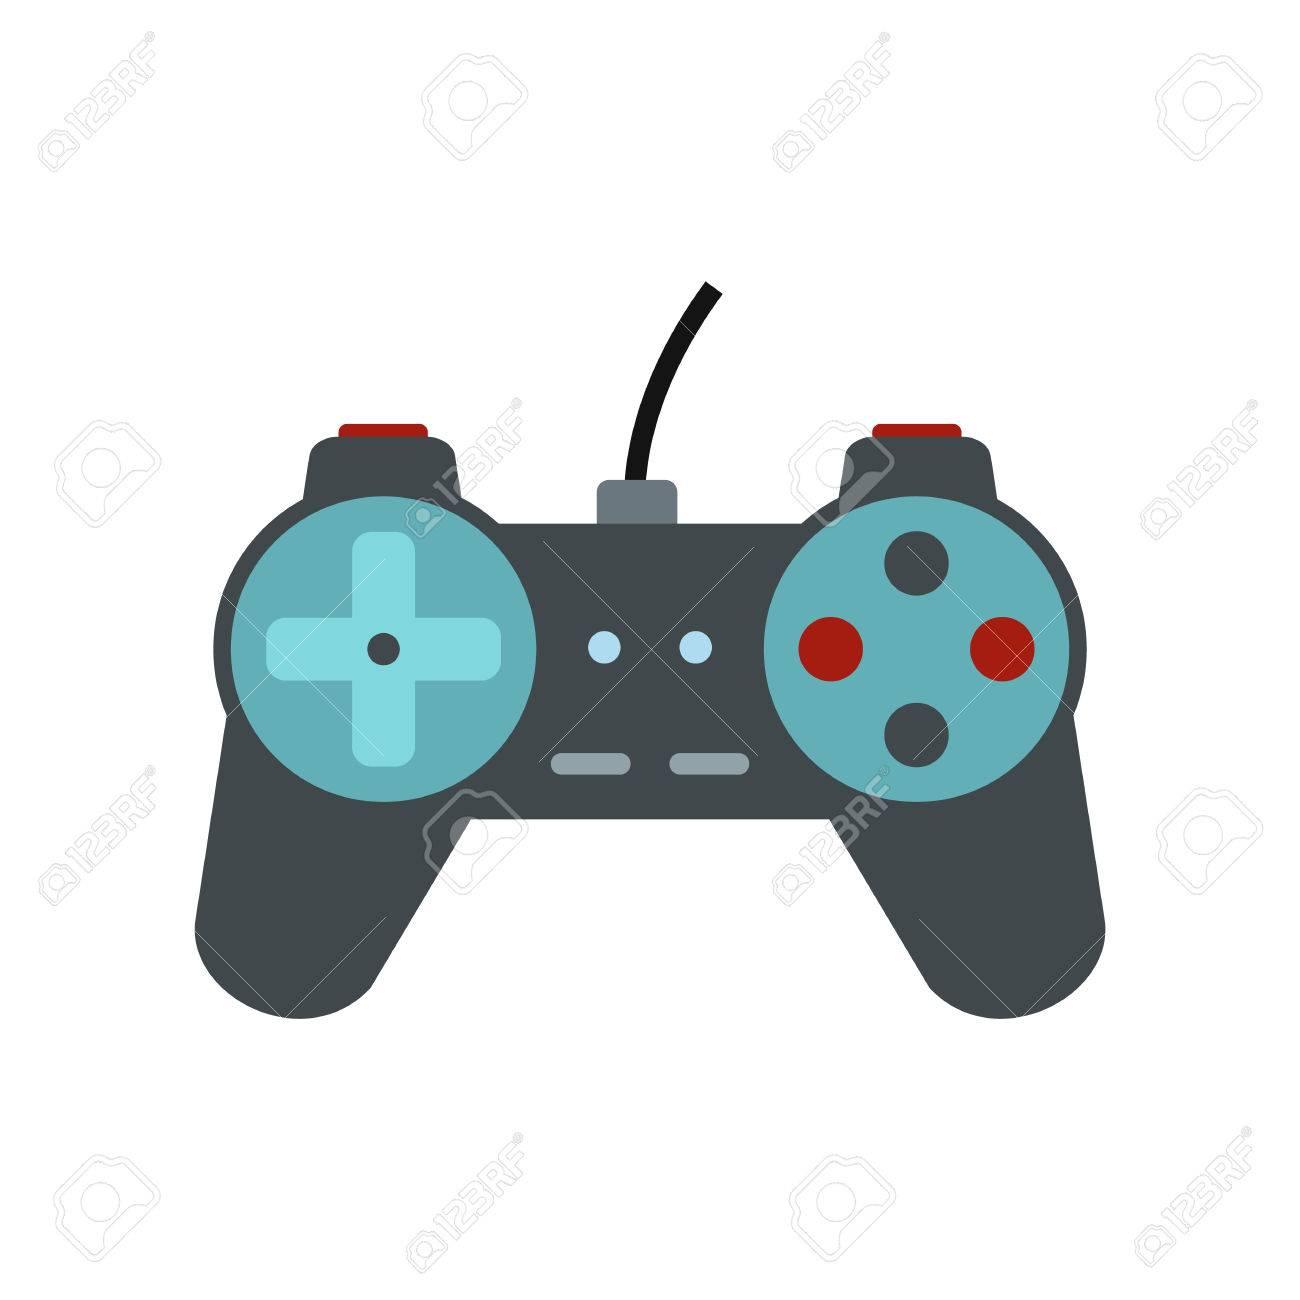 Video Game Controller Symbol In Flachen Stil Isoliert Auf Weiem